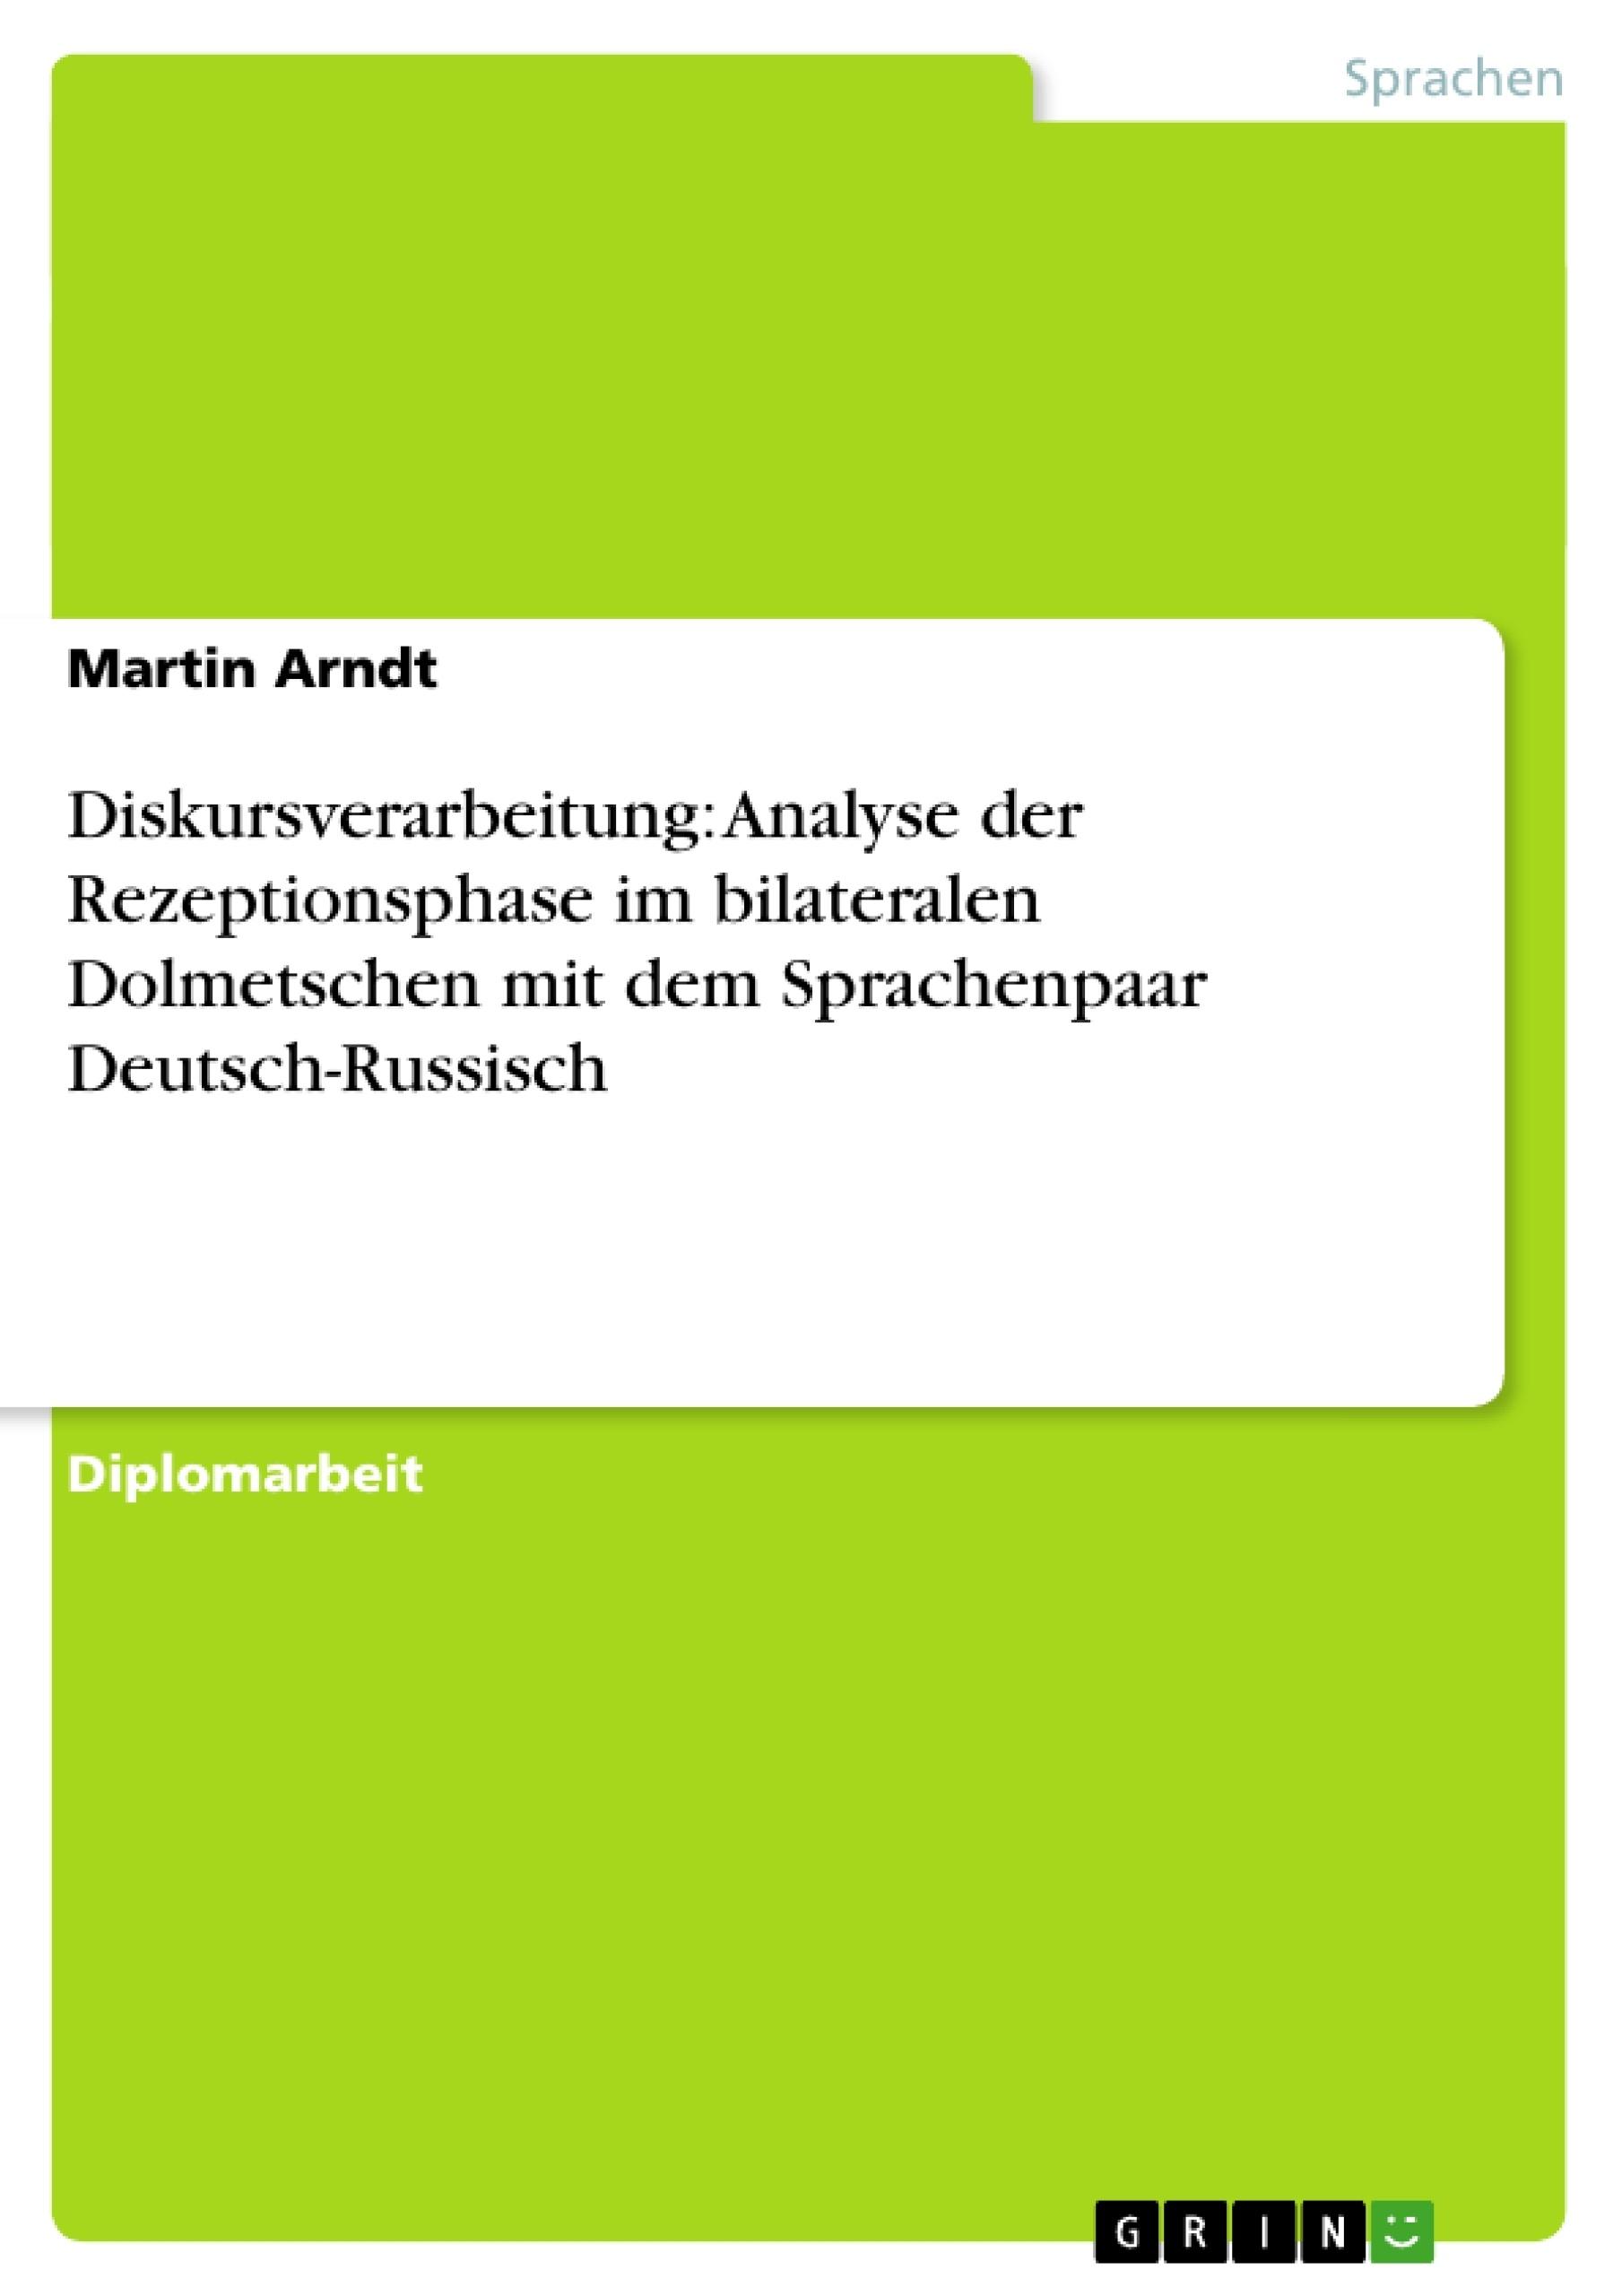 Titel: Diskursverarbeitung: Analyse der Rezeptionsphase im bilateralen Dolmetschen mit dem Sprachenpaar Deutsch-Russisch